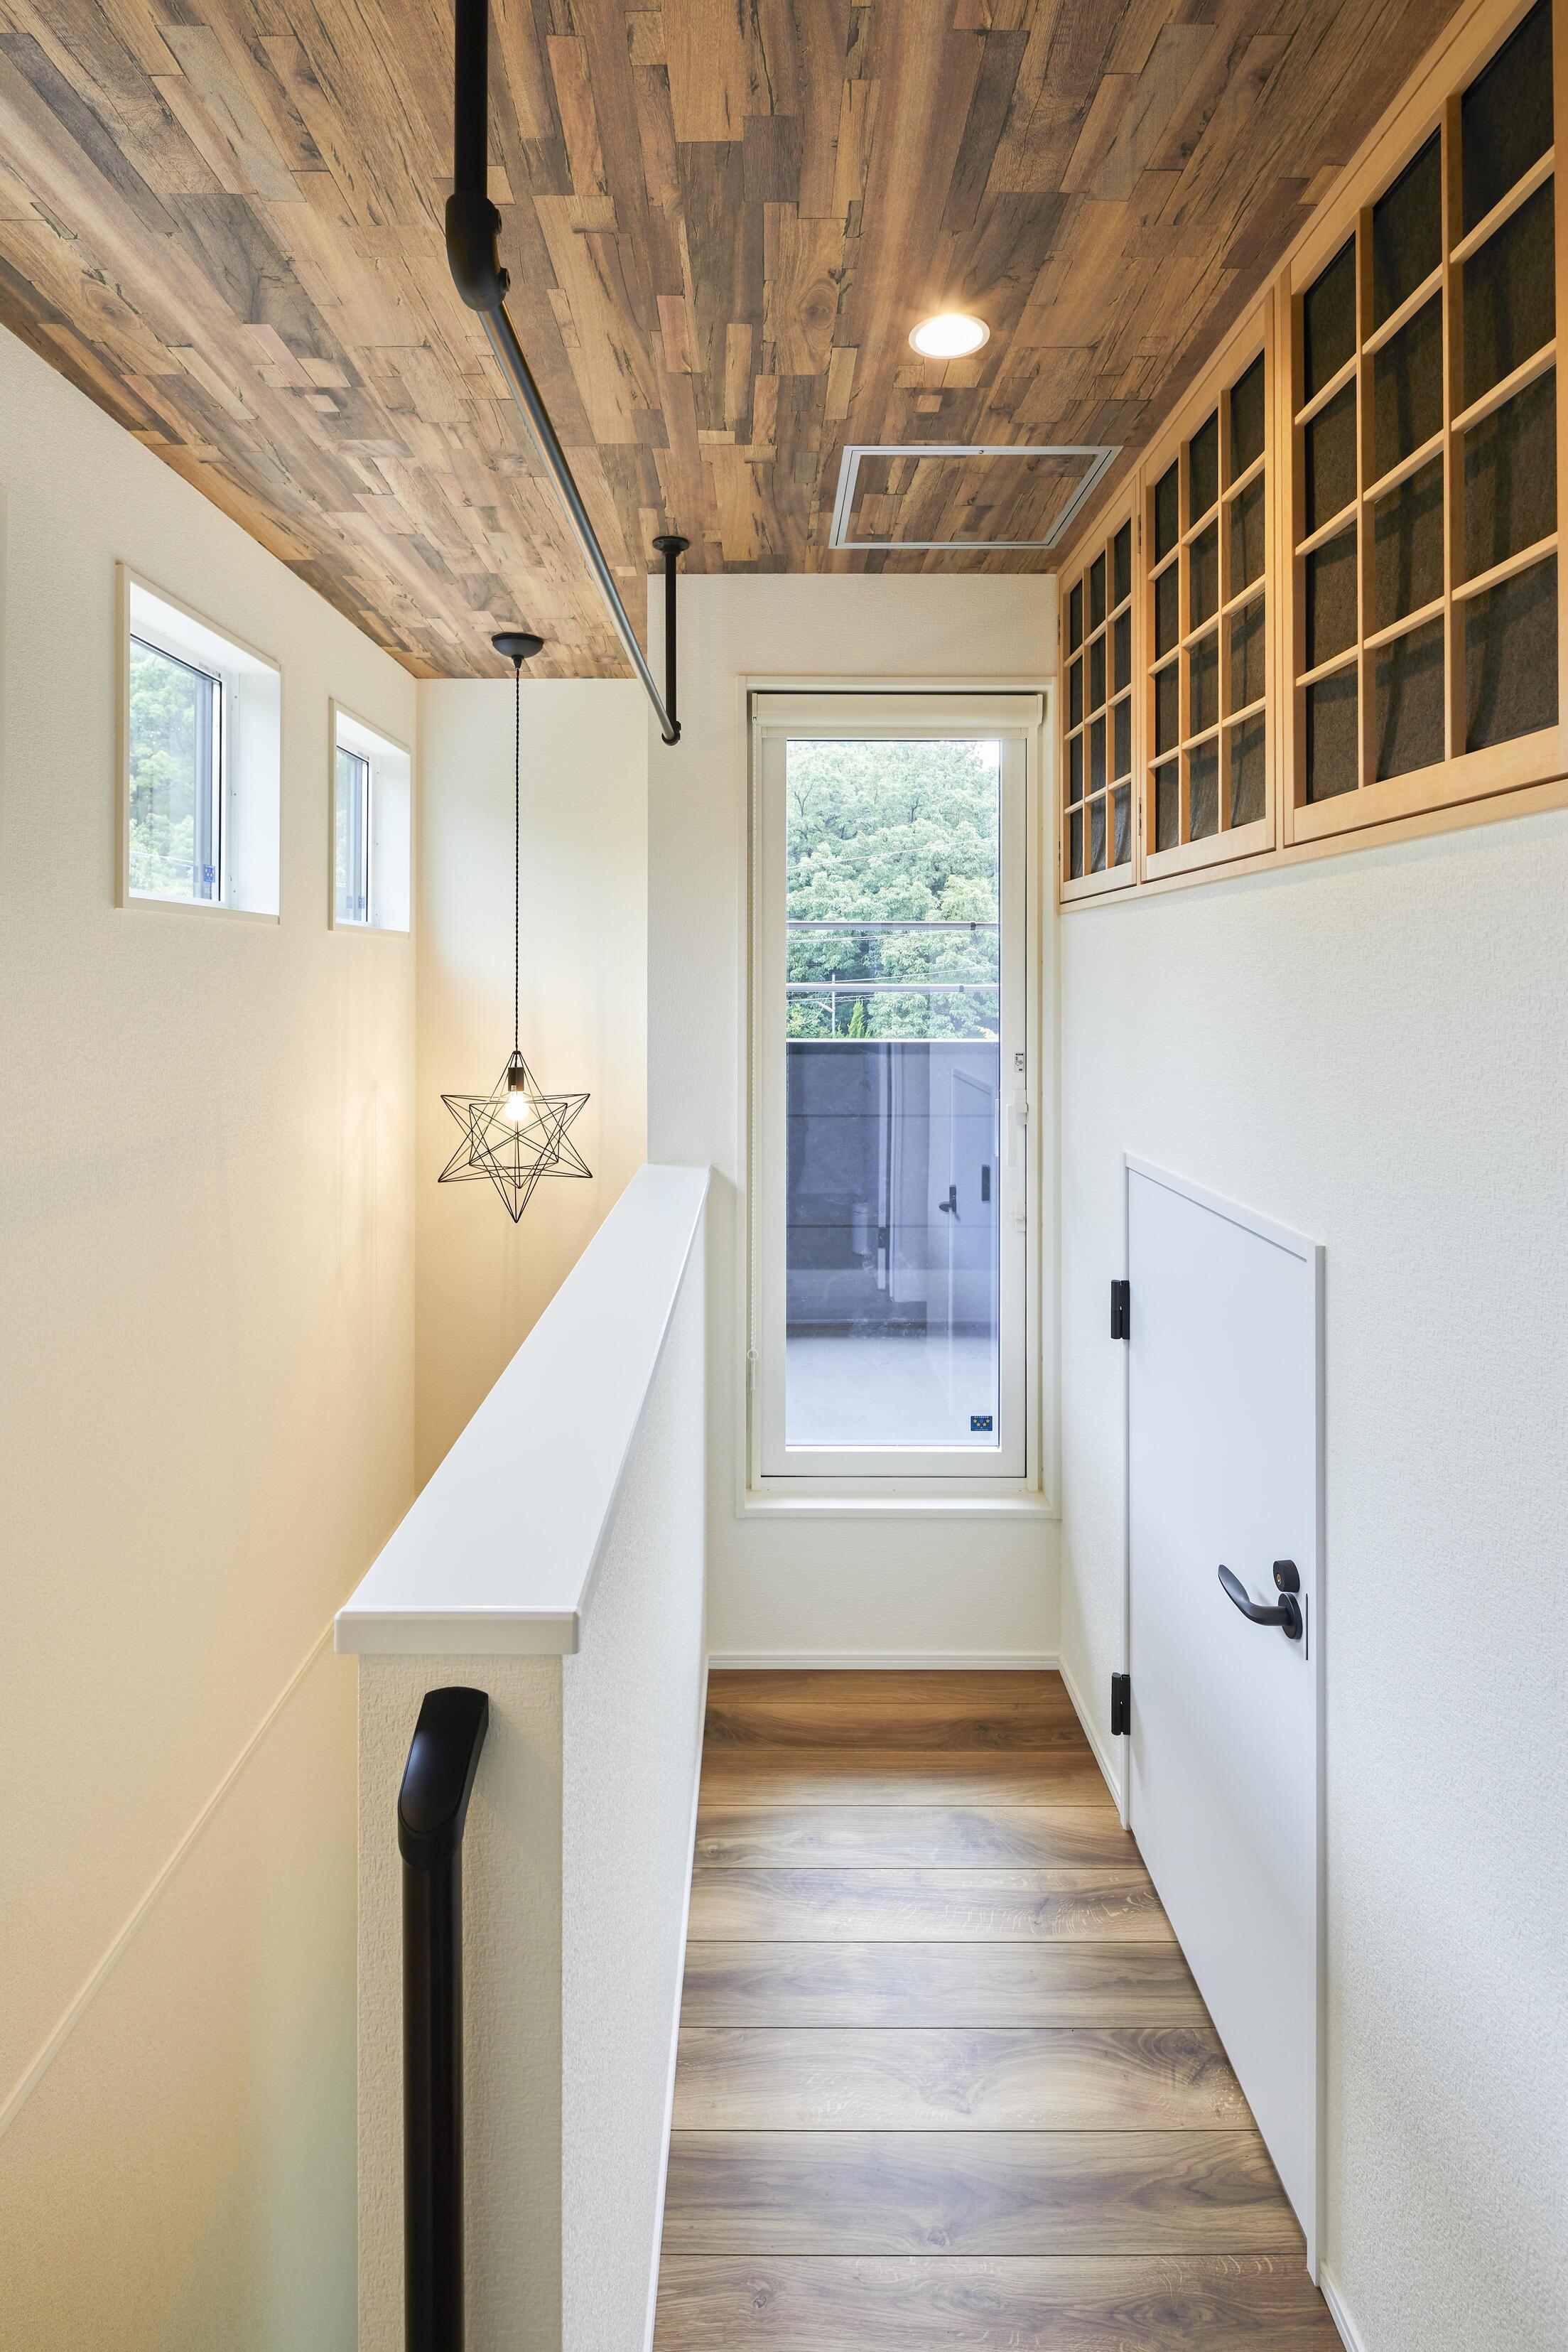 2階のホールに全館空調の空調室を設計。室内干し用ハンガーパイプを設置